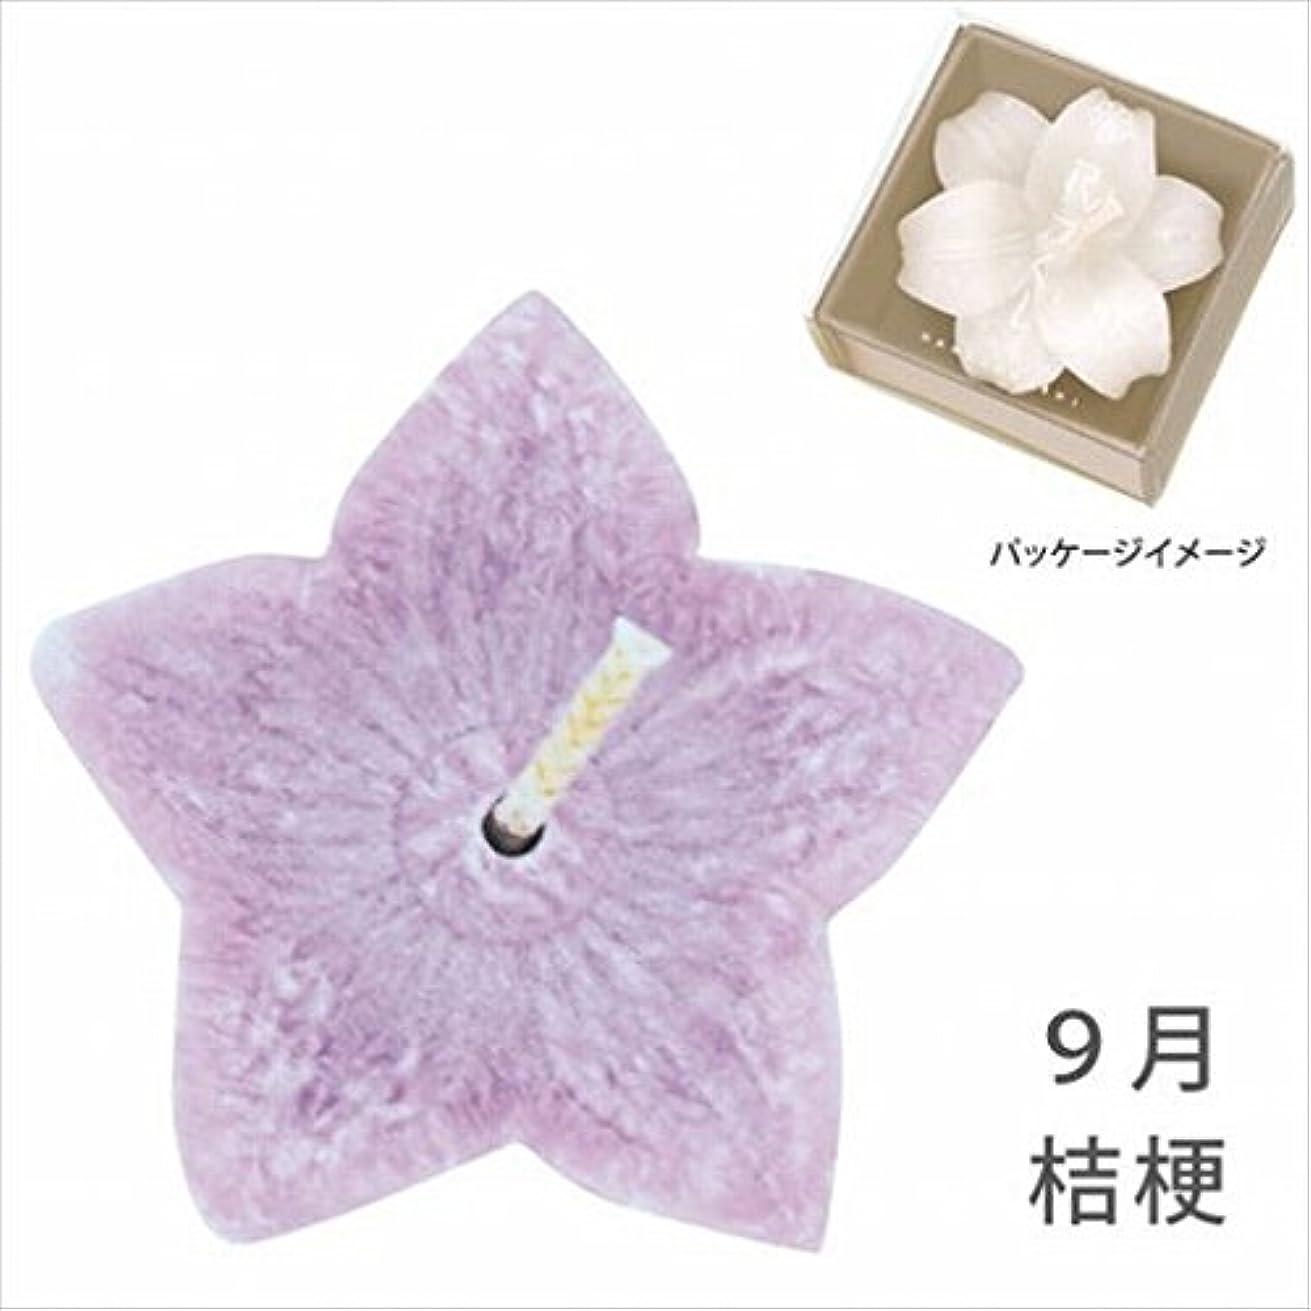 便利割り当てます配置カメヤマキャンドル( kameyama candle ) 花づくし(植物性) 桔梗 「 桔梗(9月) 」 キャンドル